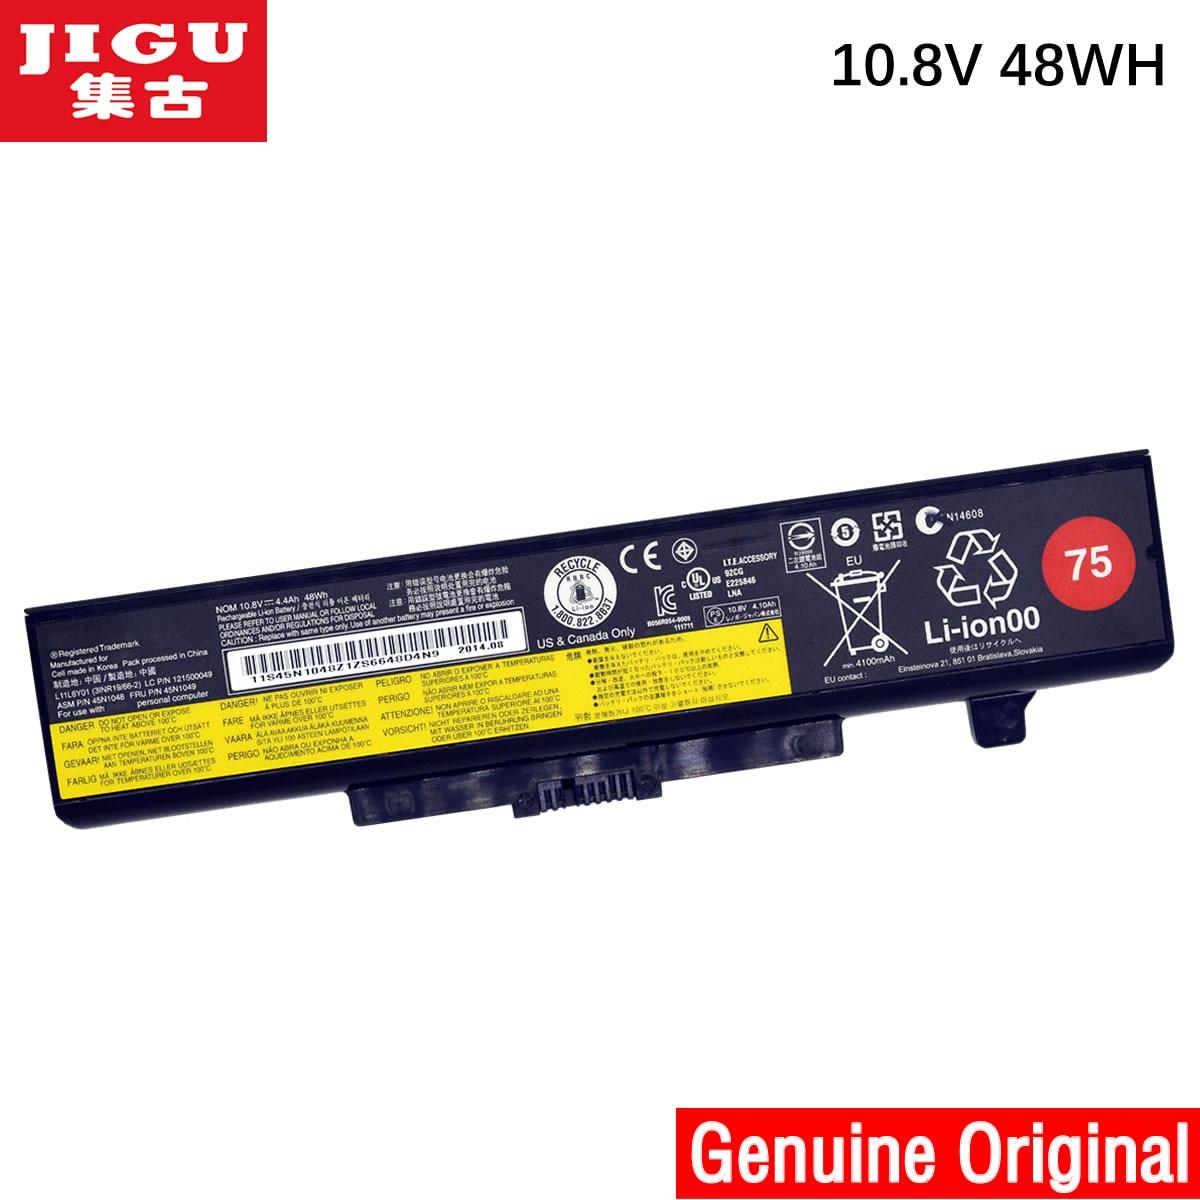 JIGU Original Laptop Battery For Lenovo G480 G485 G500 G510 G580 G585 G700 G710 K49A M490 M495 N581 N586 V480 V480CJIGU Original Laptop Battery For Lenovo G480 G485 G500 G510 G580 G585 G700 G710 K49A M490 M495 N581 N586 V480 V480C